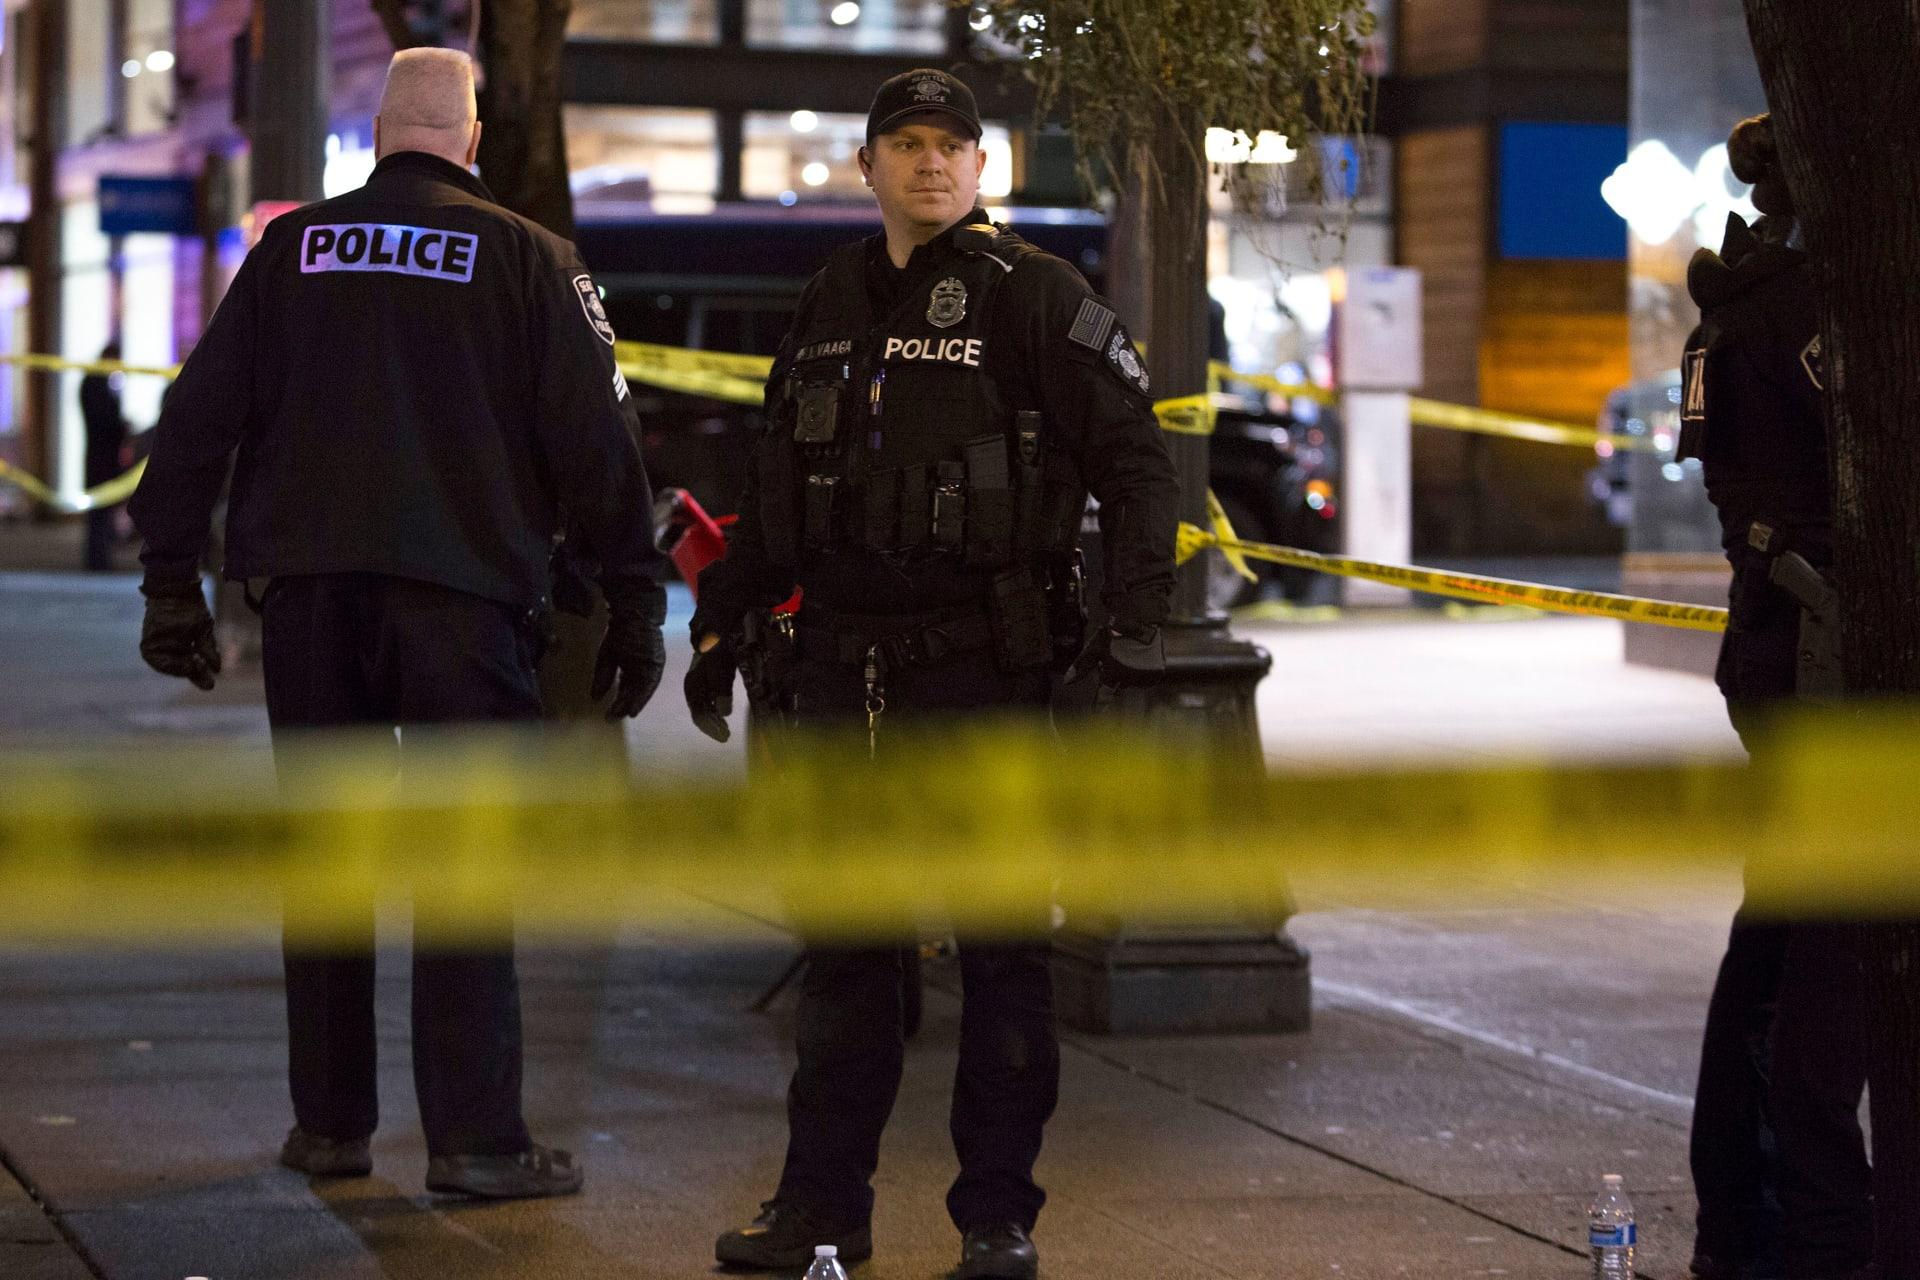 مقتل 6 أشخاص في إطلاق نار بولاية ويسكونسن الأمريكية بينهم منفذ الهجوم